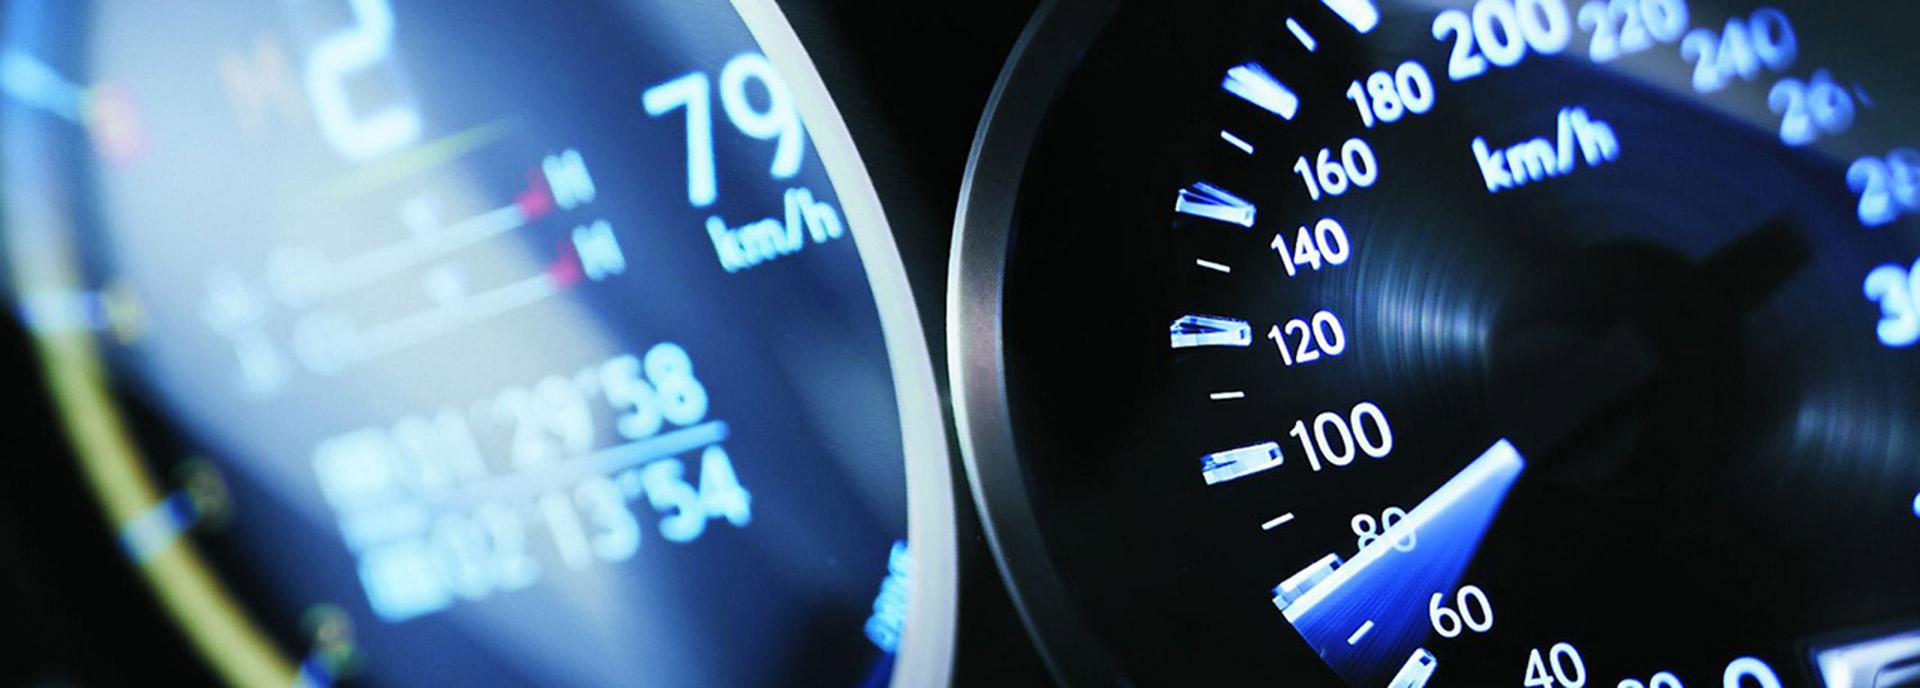 Kilometerteller van een Lexus in actie